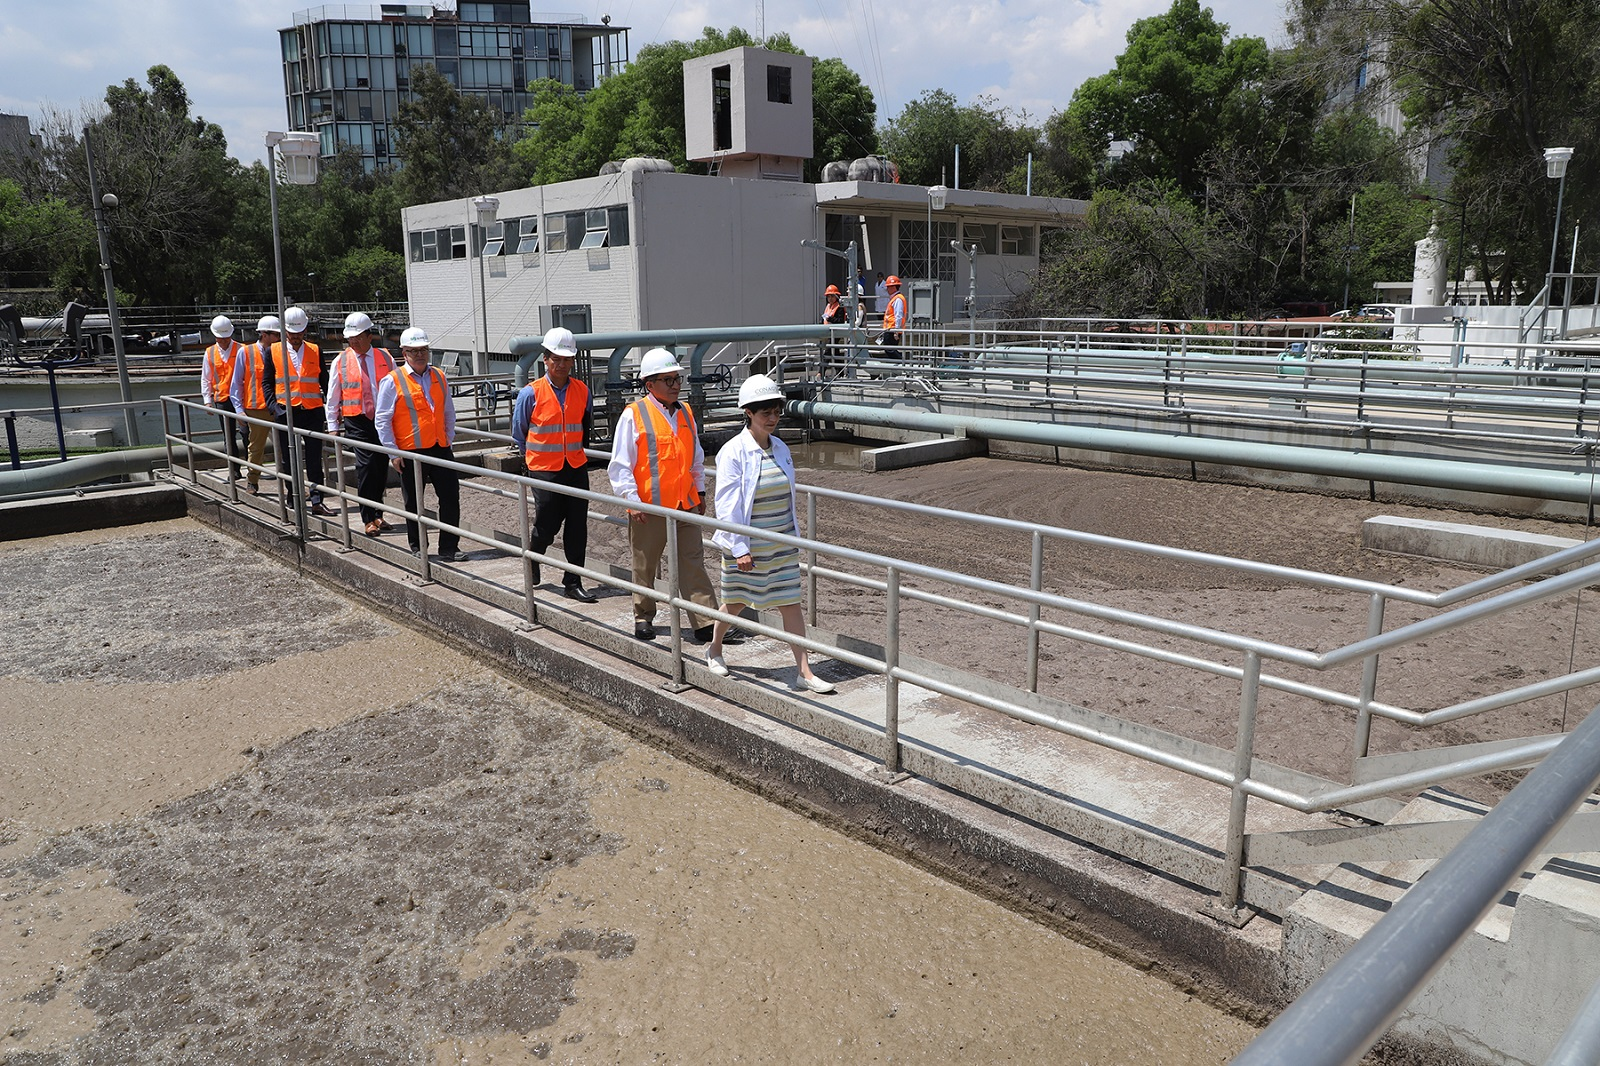 La Directora General de la Conagua, Blanca Jiménez Cisneros, y técnicos encargados de la PTAR, realizaron un recorrido de supervisión por la planta Chapultepec.